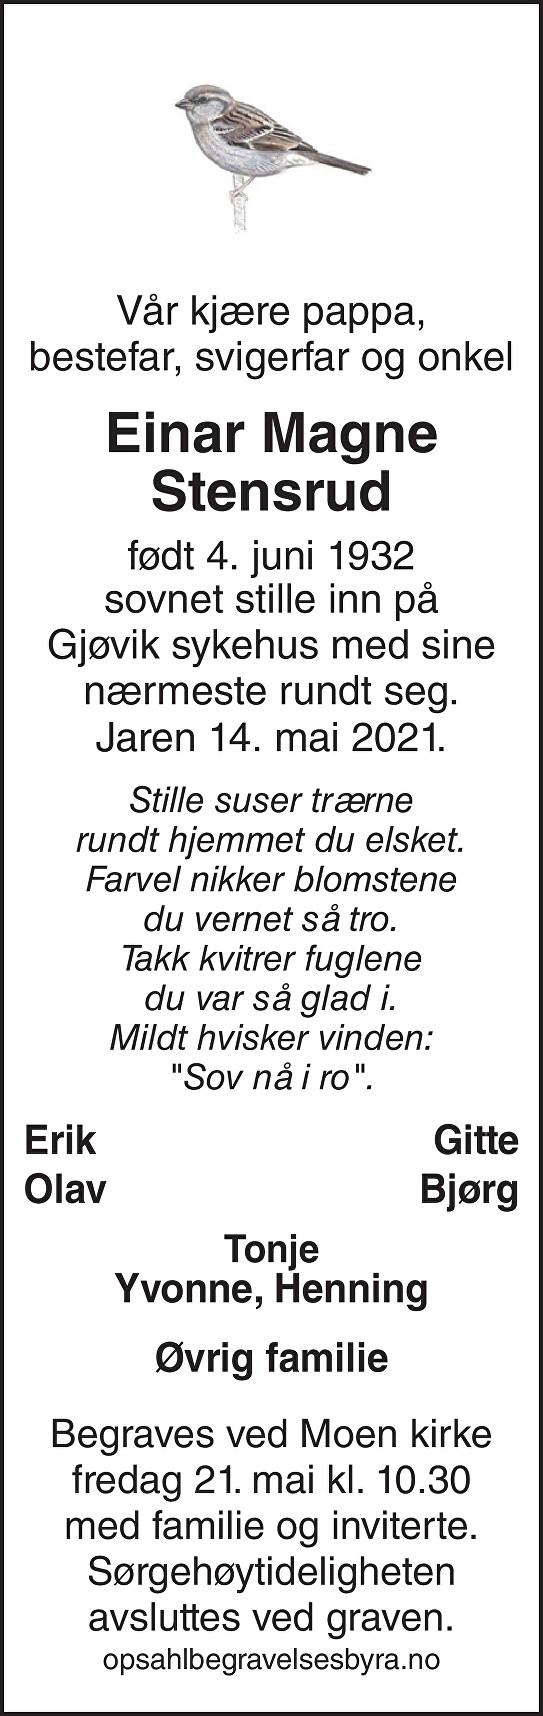 Einar Magne Stensrud Dødsannonse